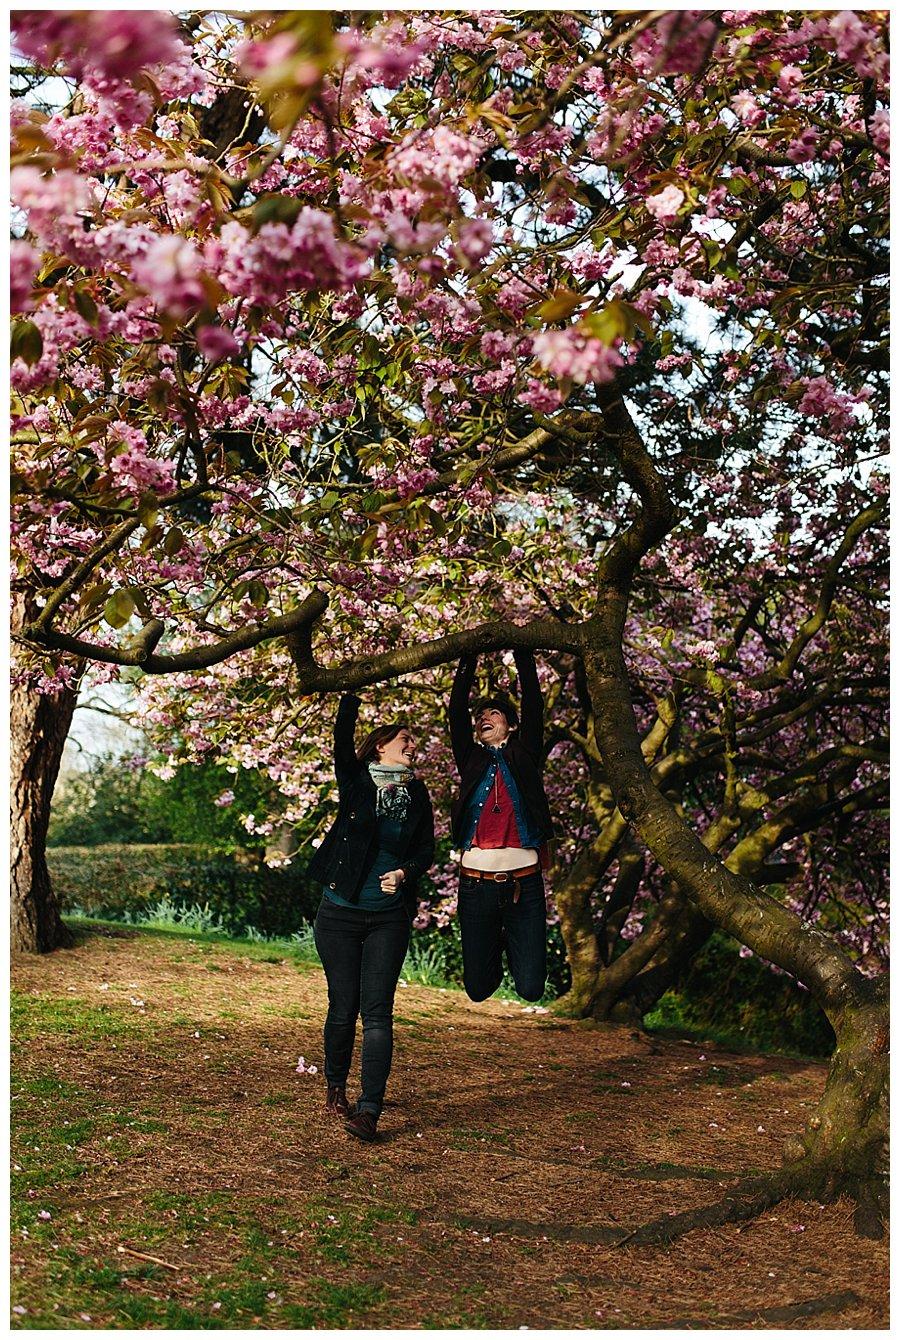 Katie & Jo_Engagement Shoot_005